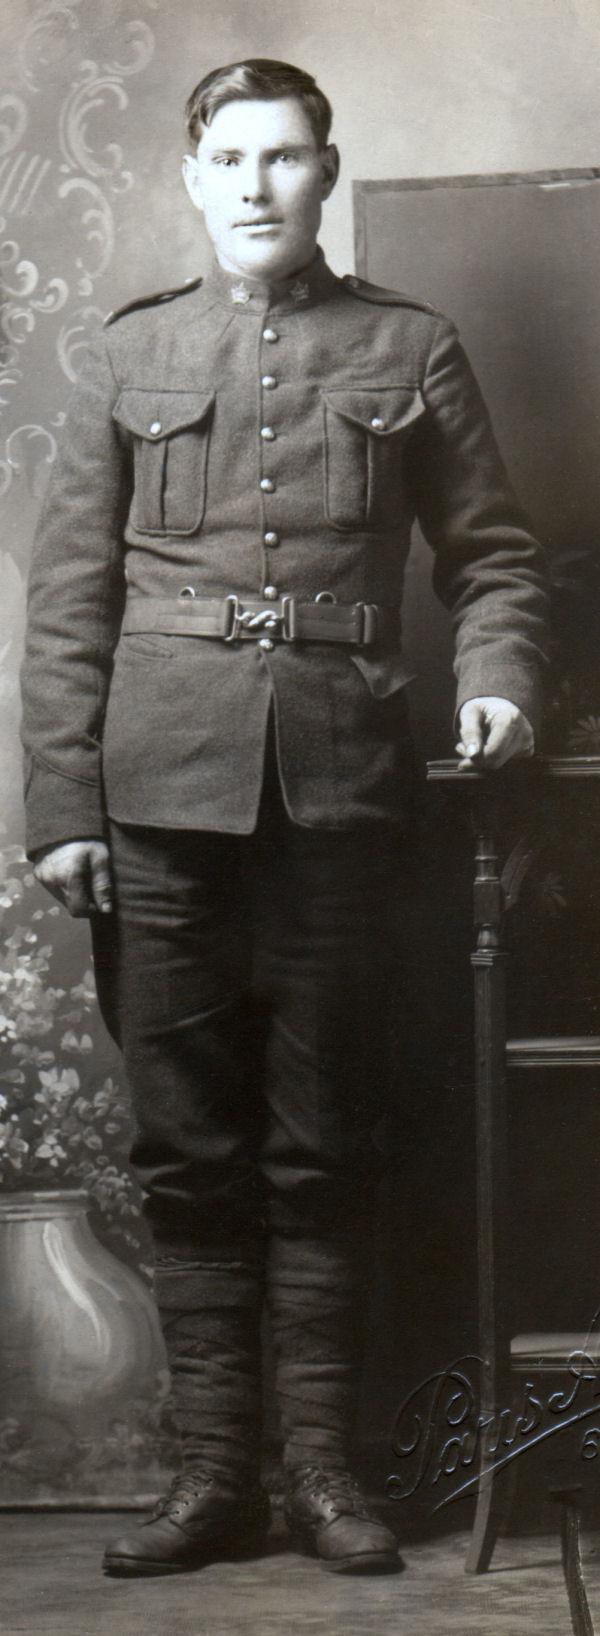 Photo of William Crozier